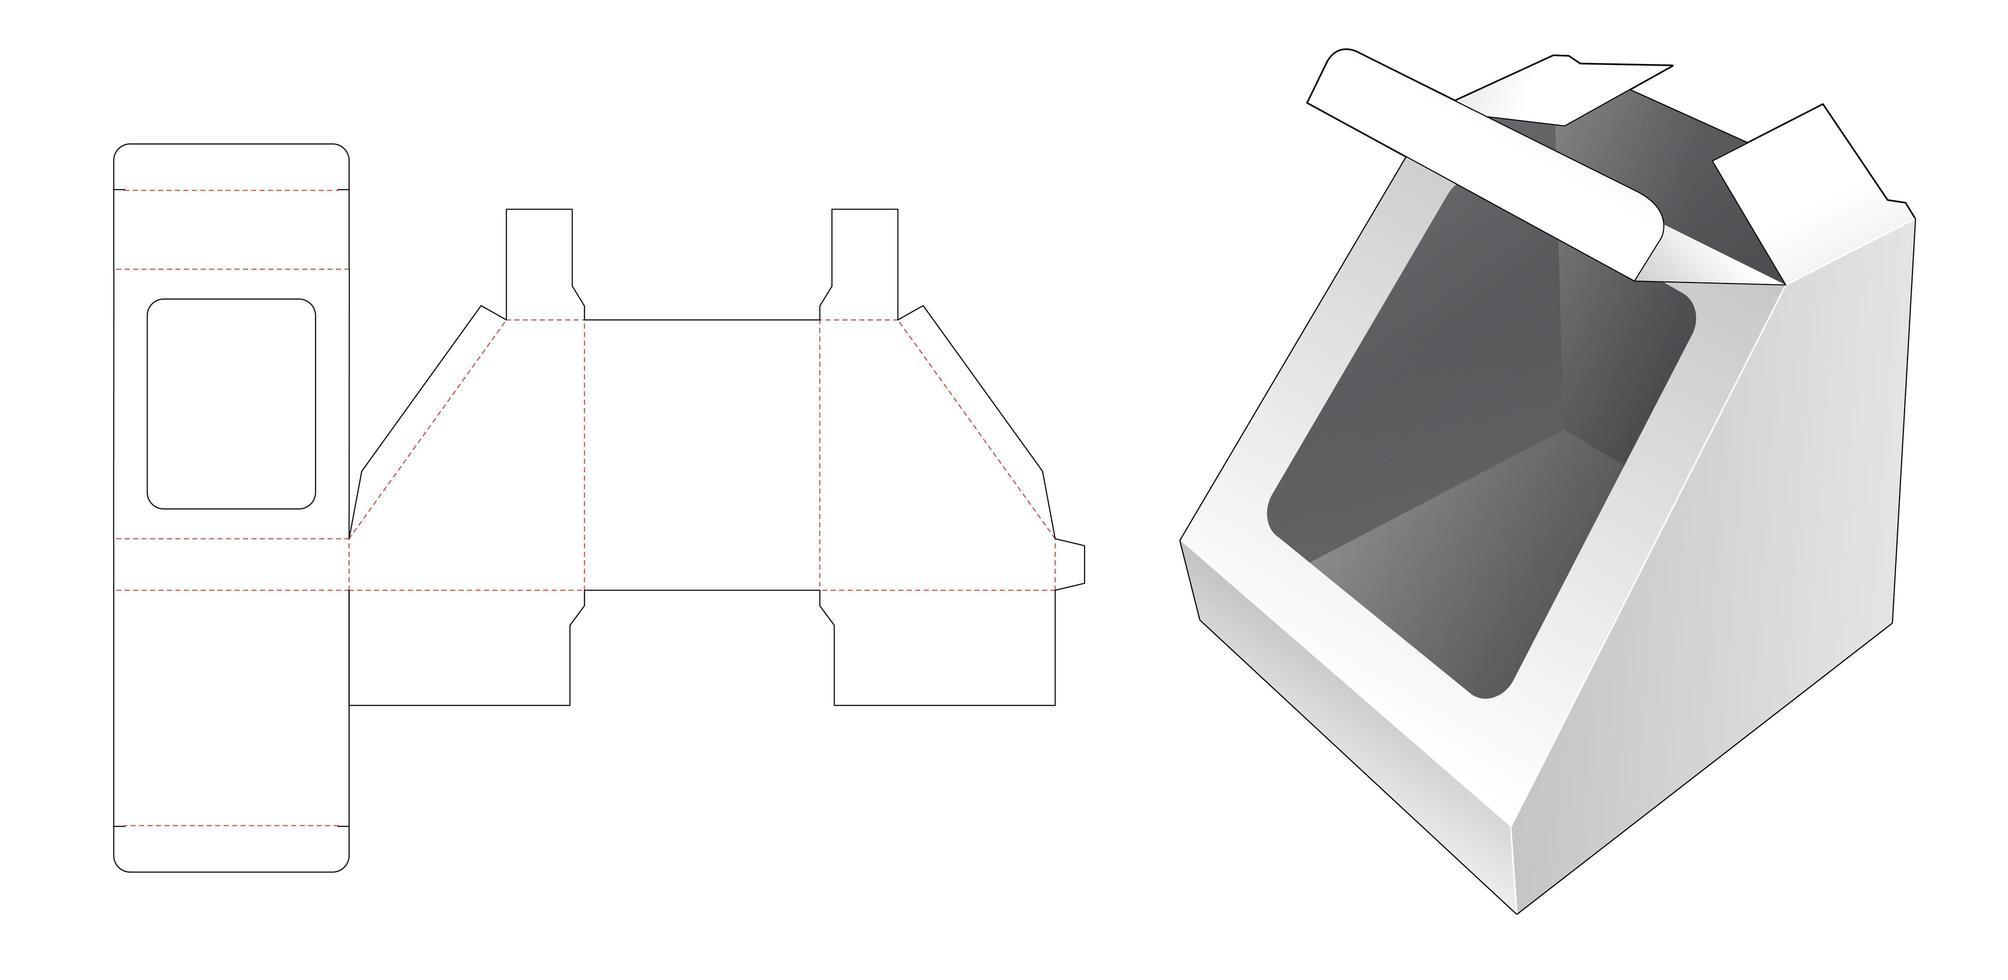 dreieckige Spielzeugkiste mit Fenster vektor